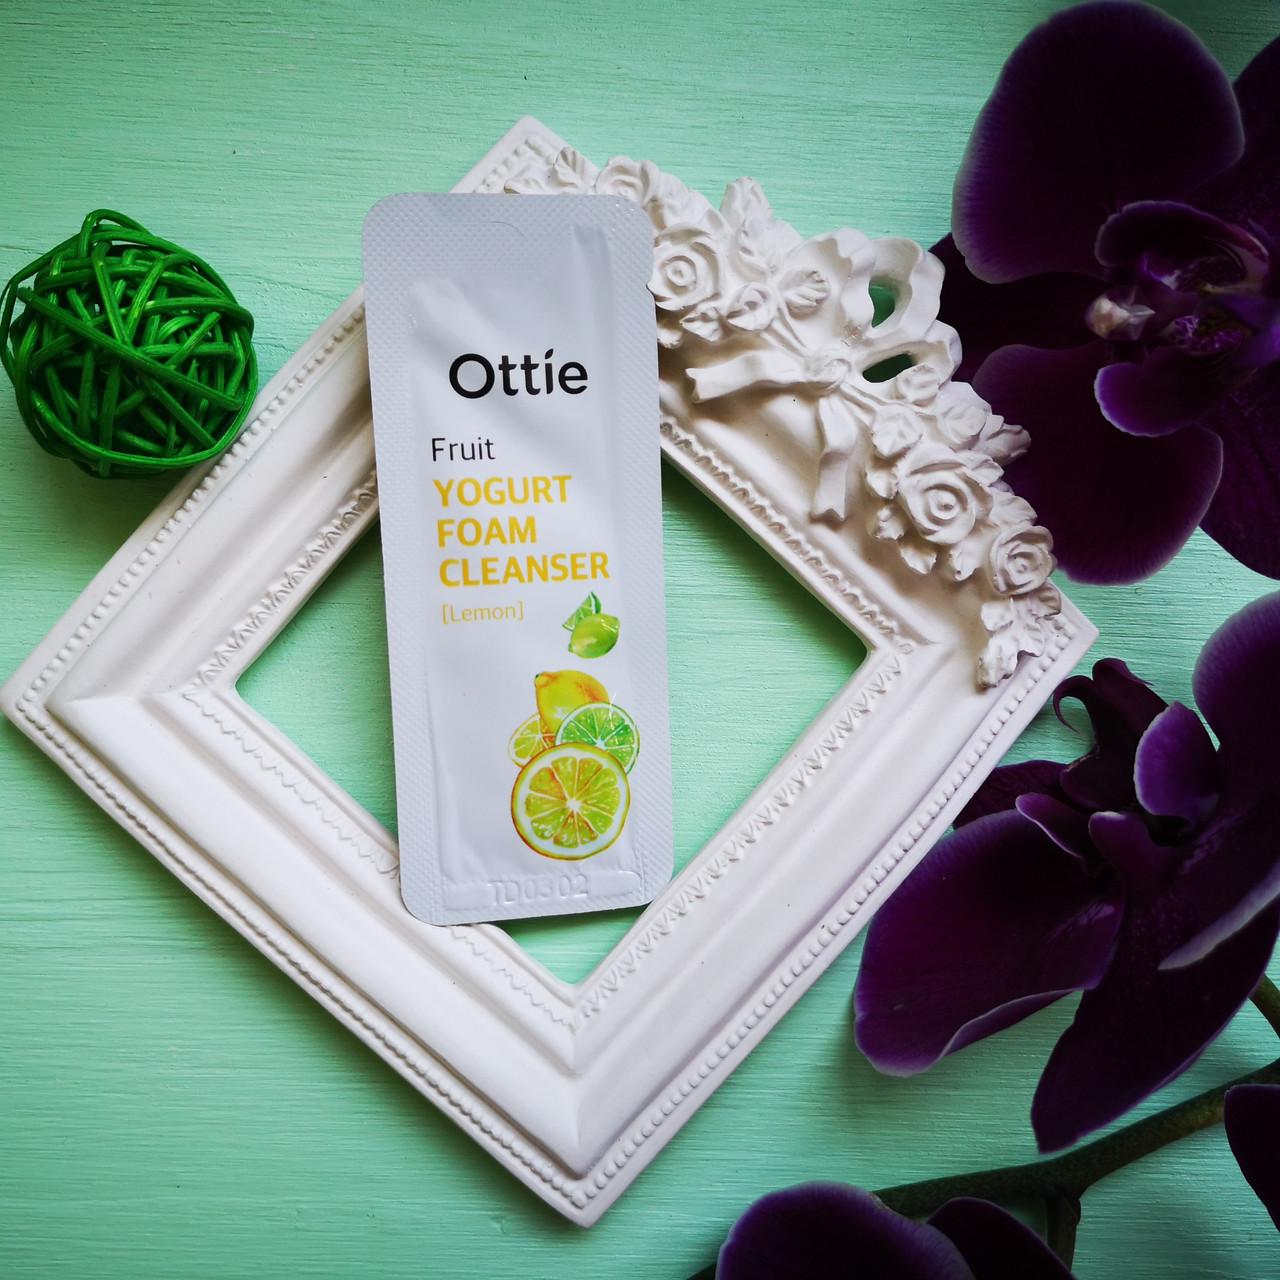 Ottie Йогуртовая пенка для умывания с экстрактом лимона Пробник Fruits Yogurt Foam Cleanser Lemon